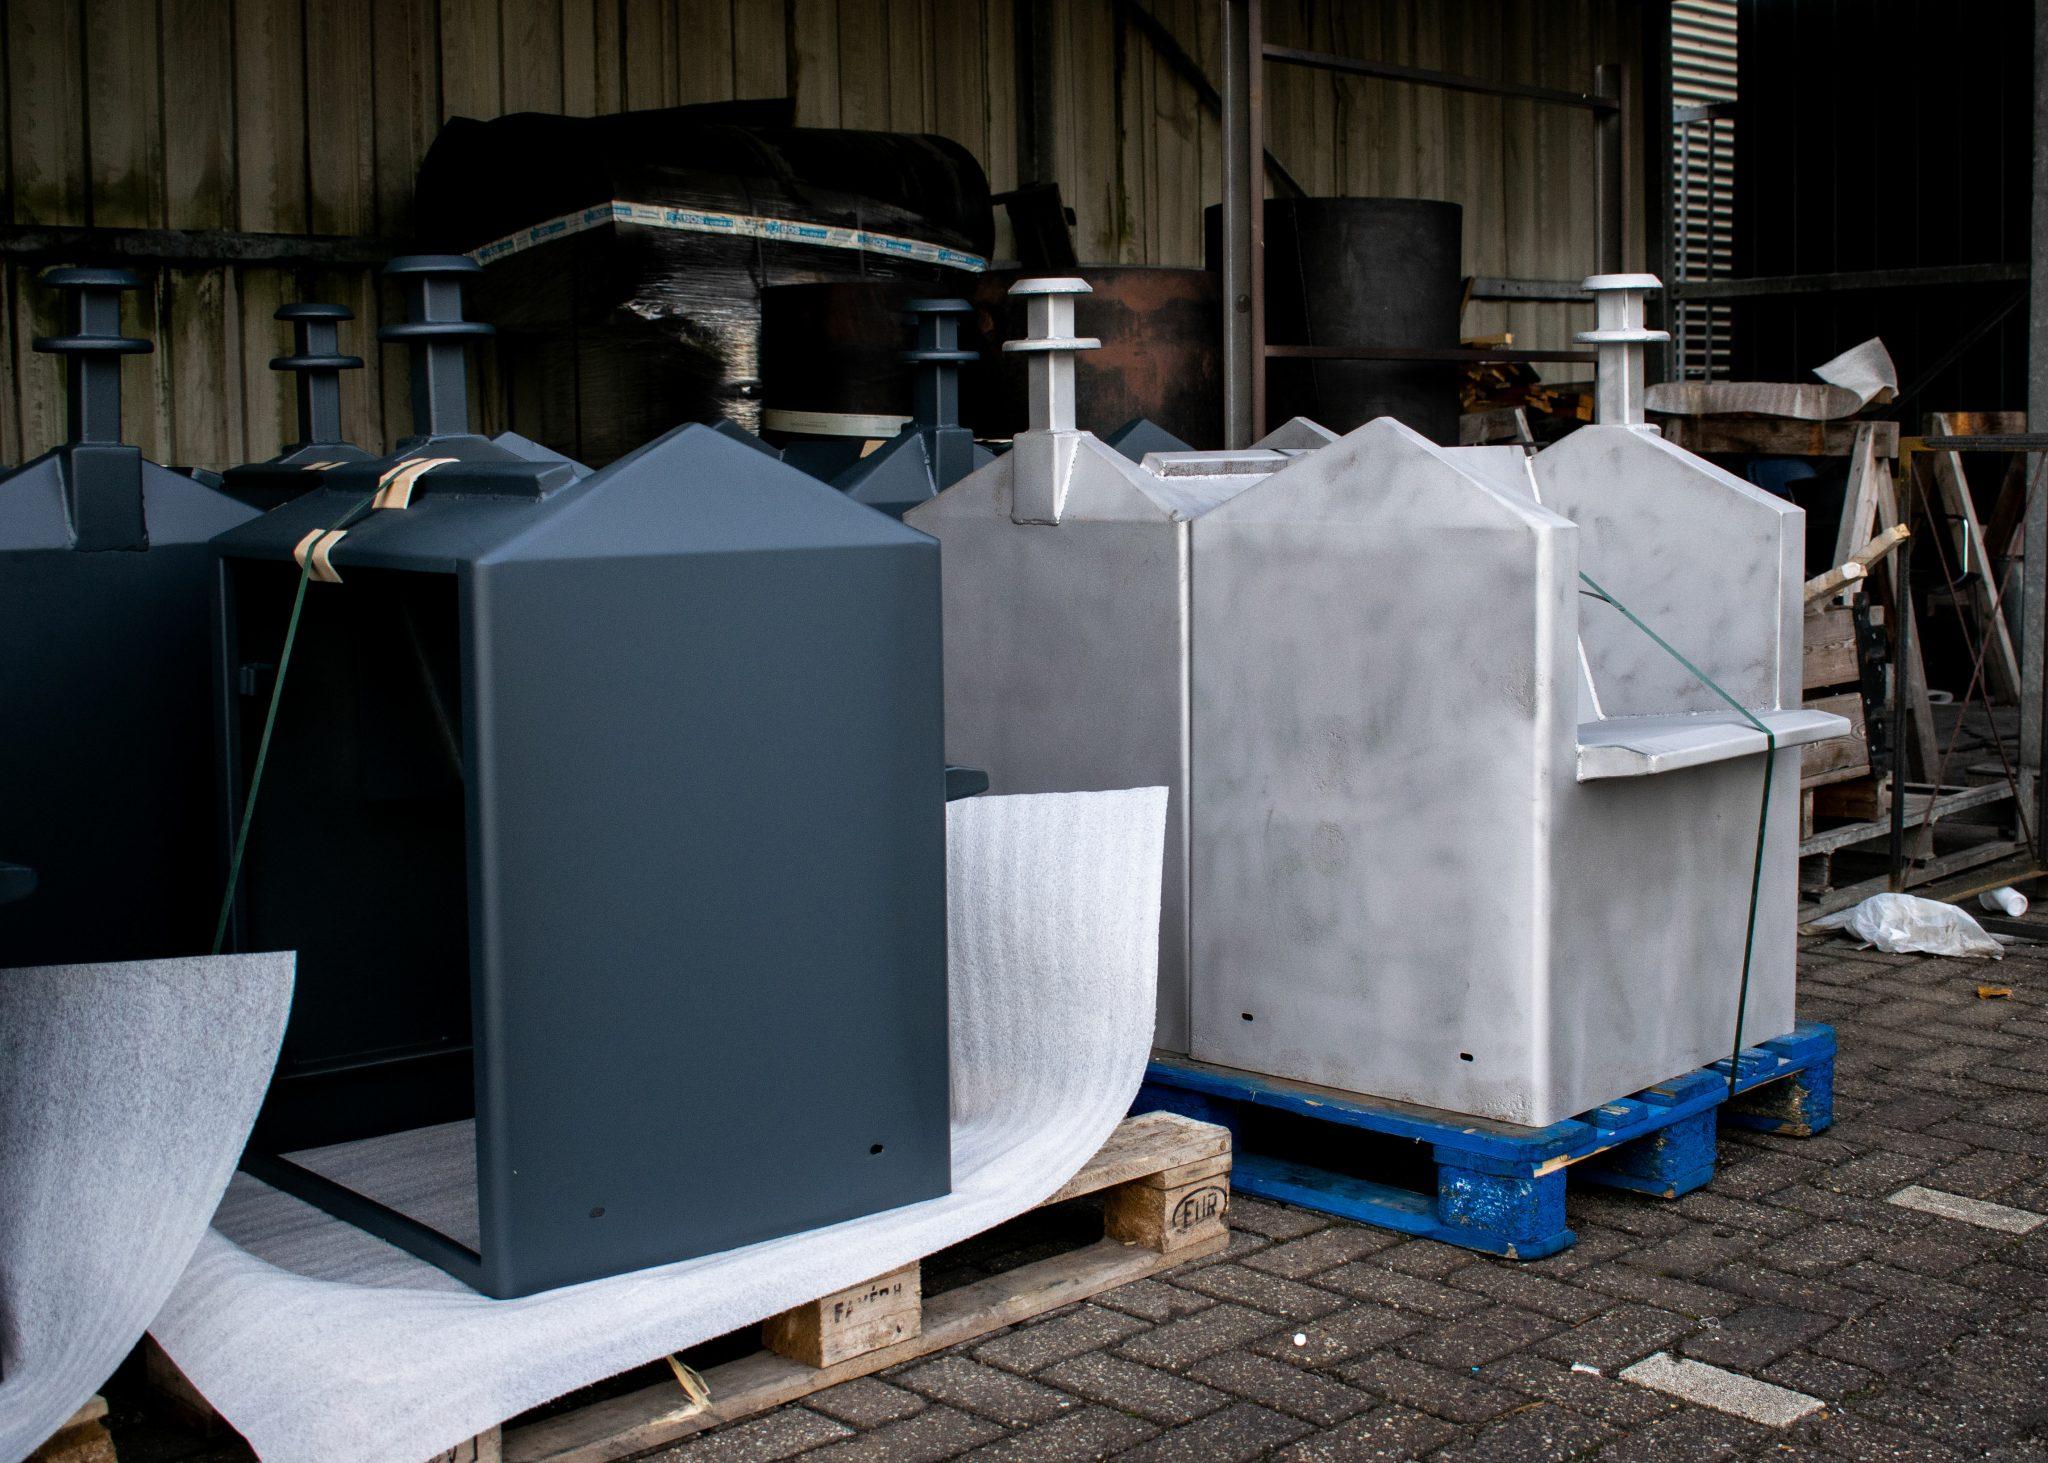 Ontlakte vuilnisbakken van De Roteb (Rotterdamse reiniging), getransformeerd tot stoel (situatie voor en na).